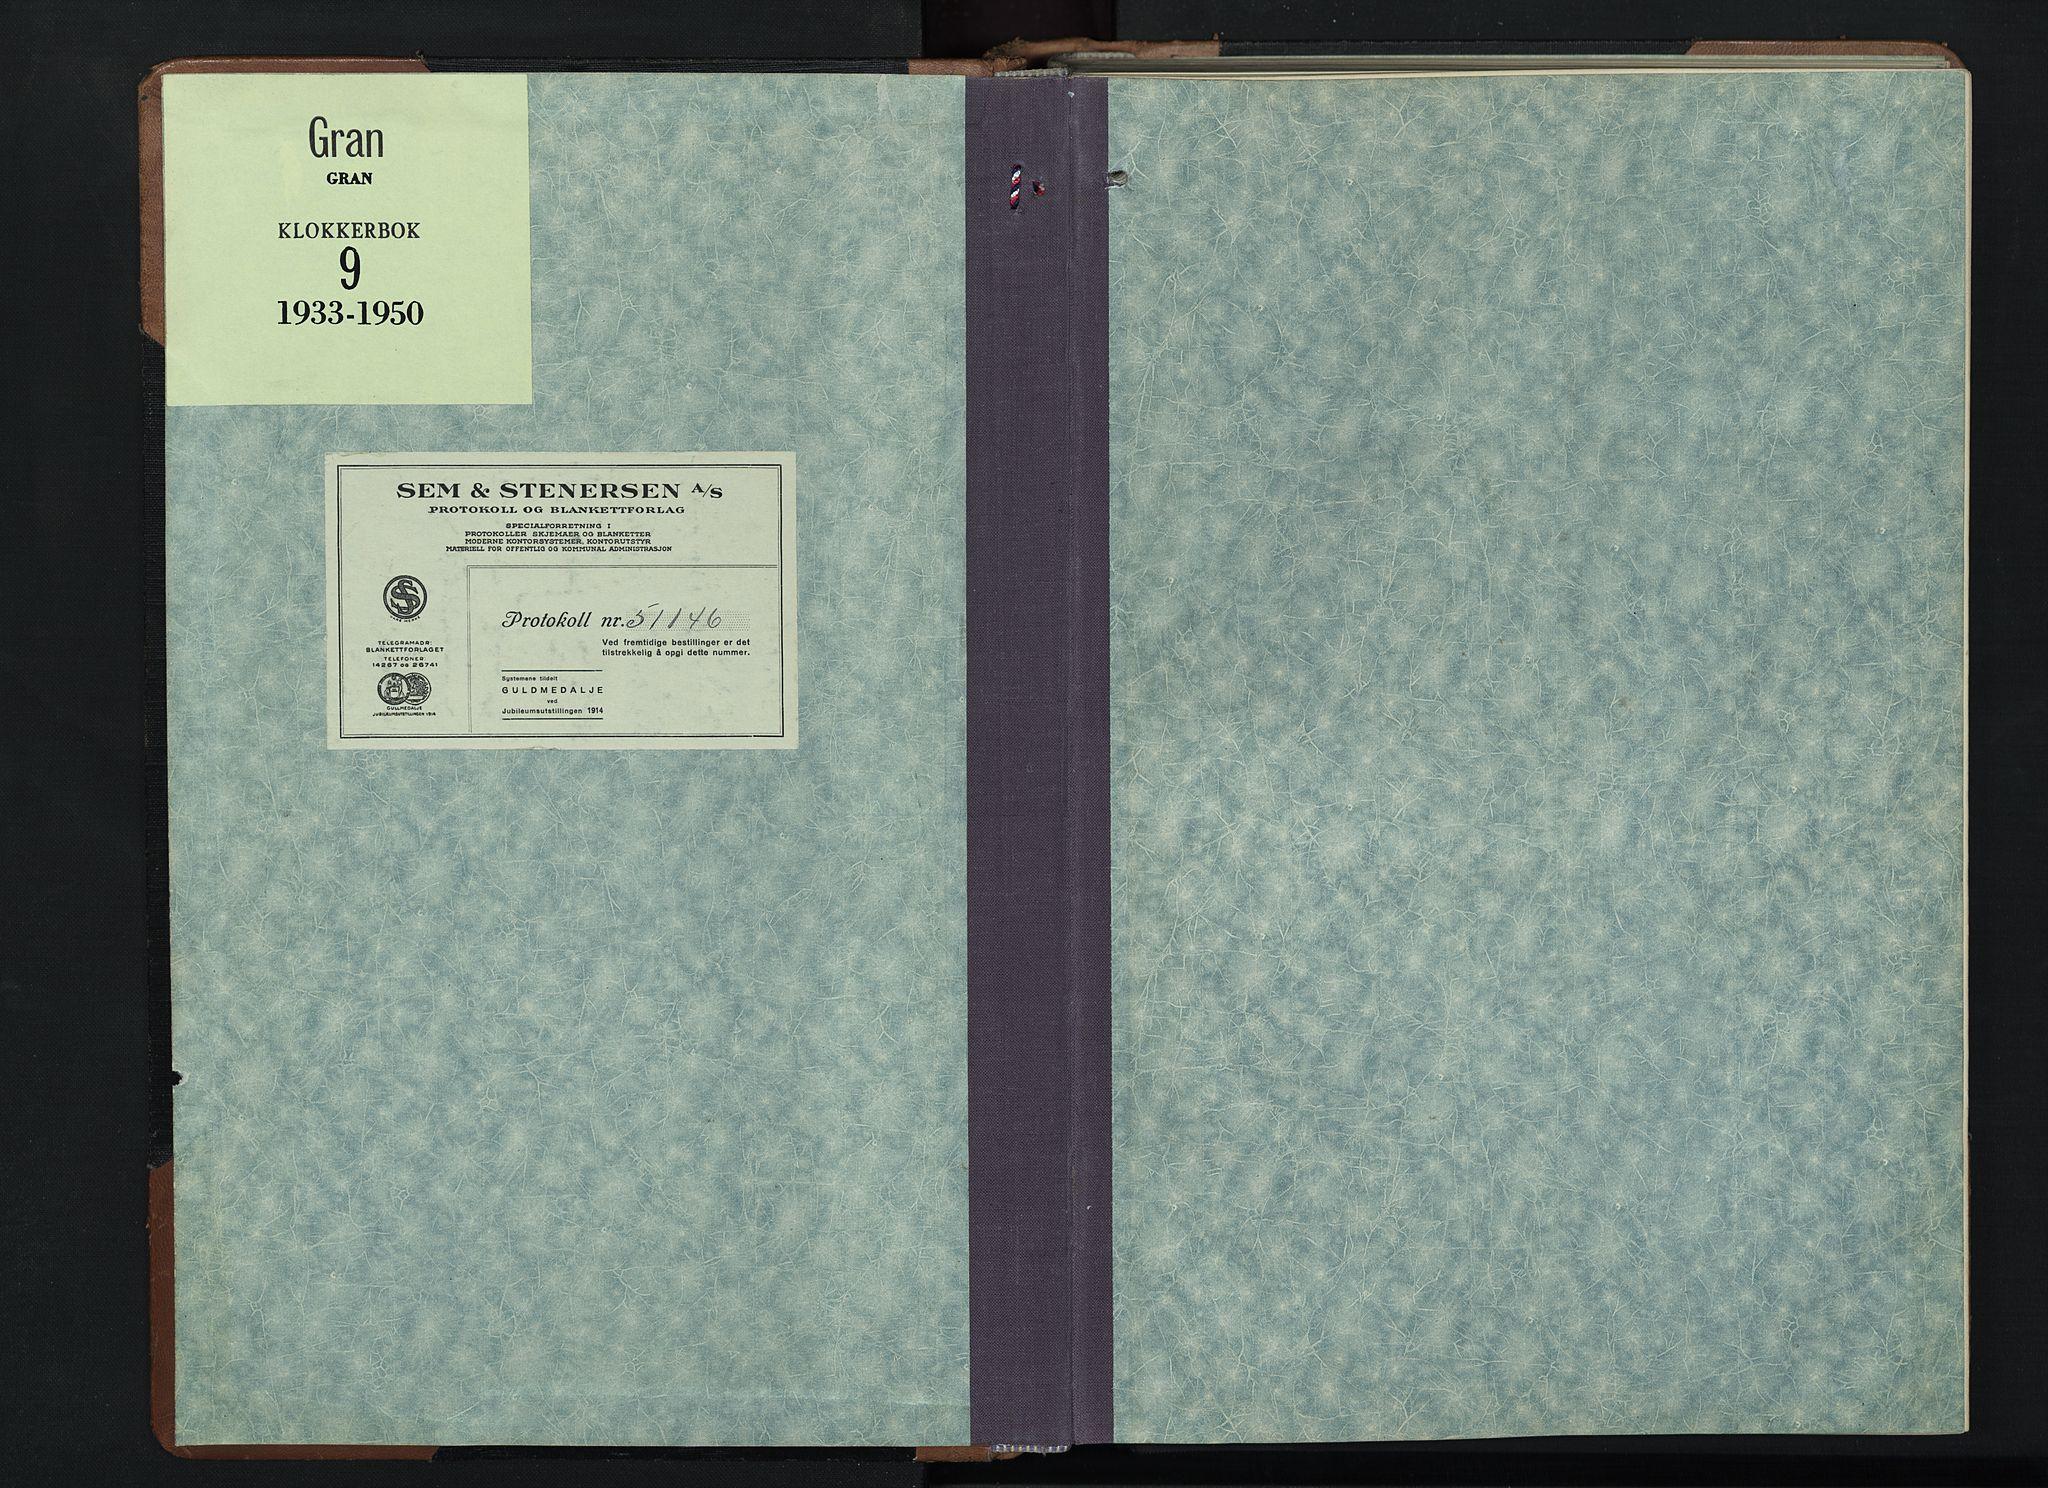 SAH, Gran prestekontor, Klokkerbok nr. 9, 1933-1950